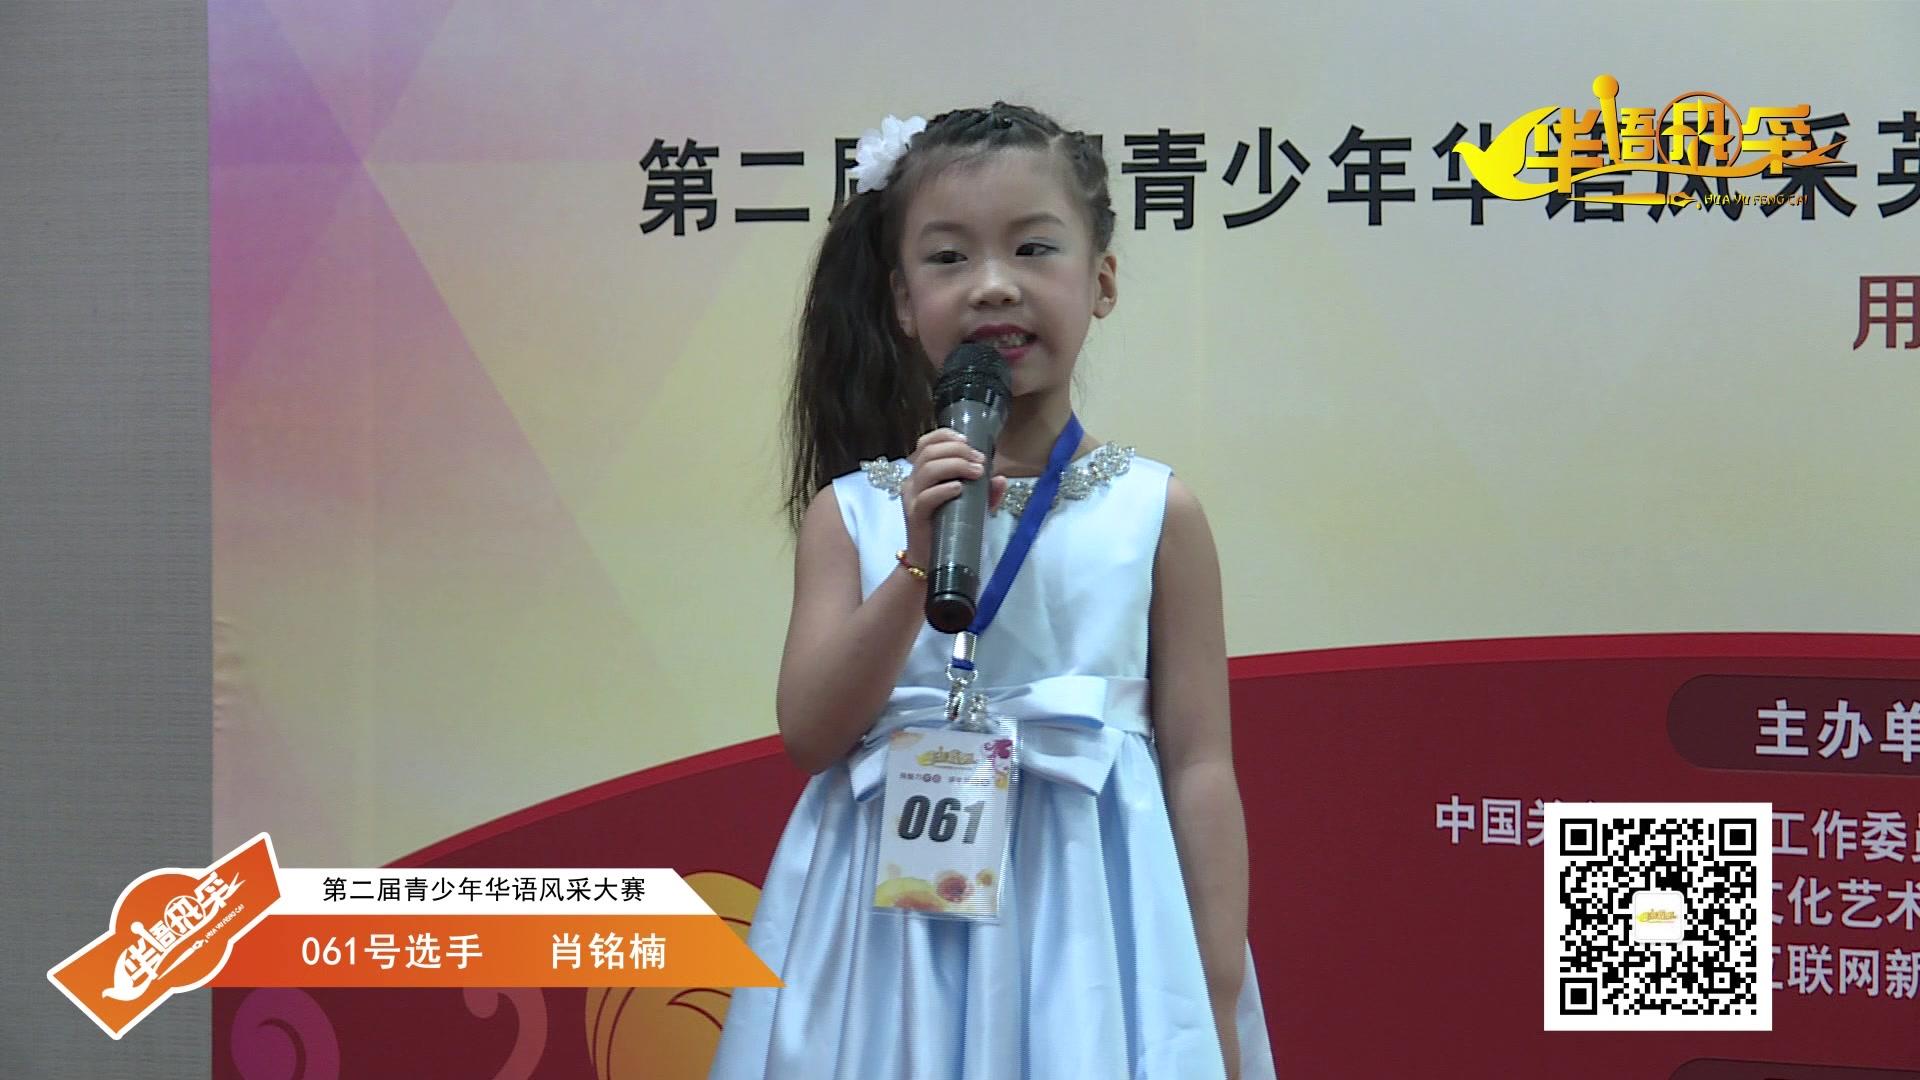 061号选手:肖铭楠